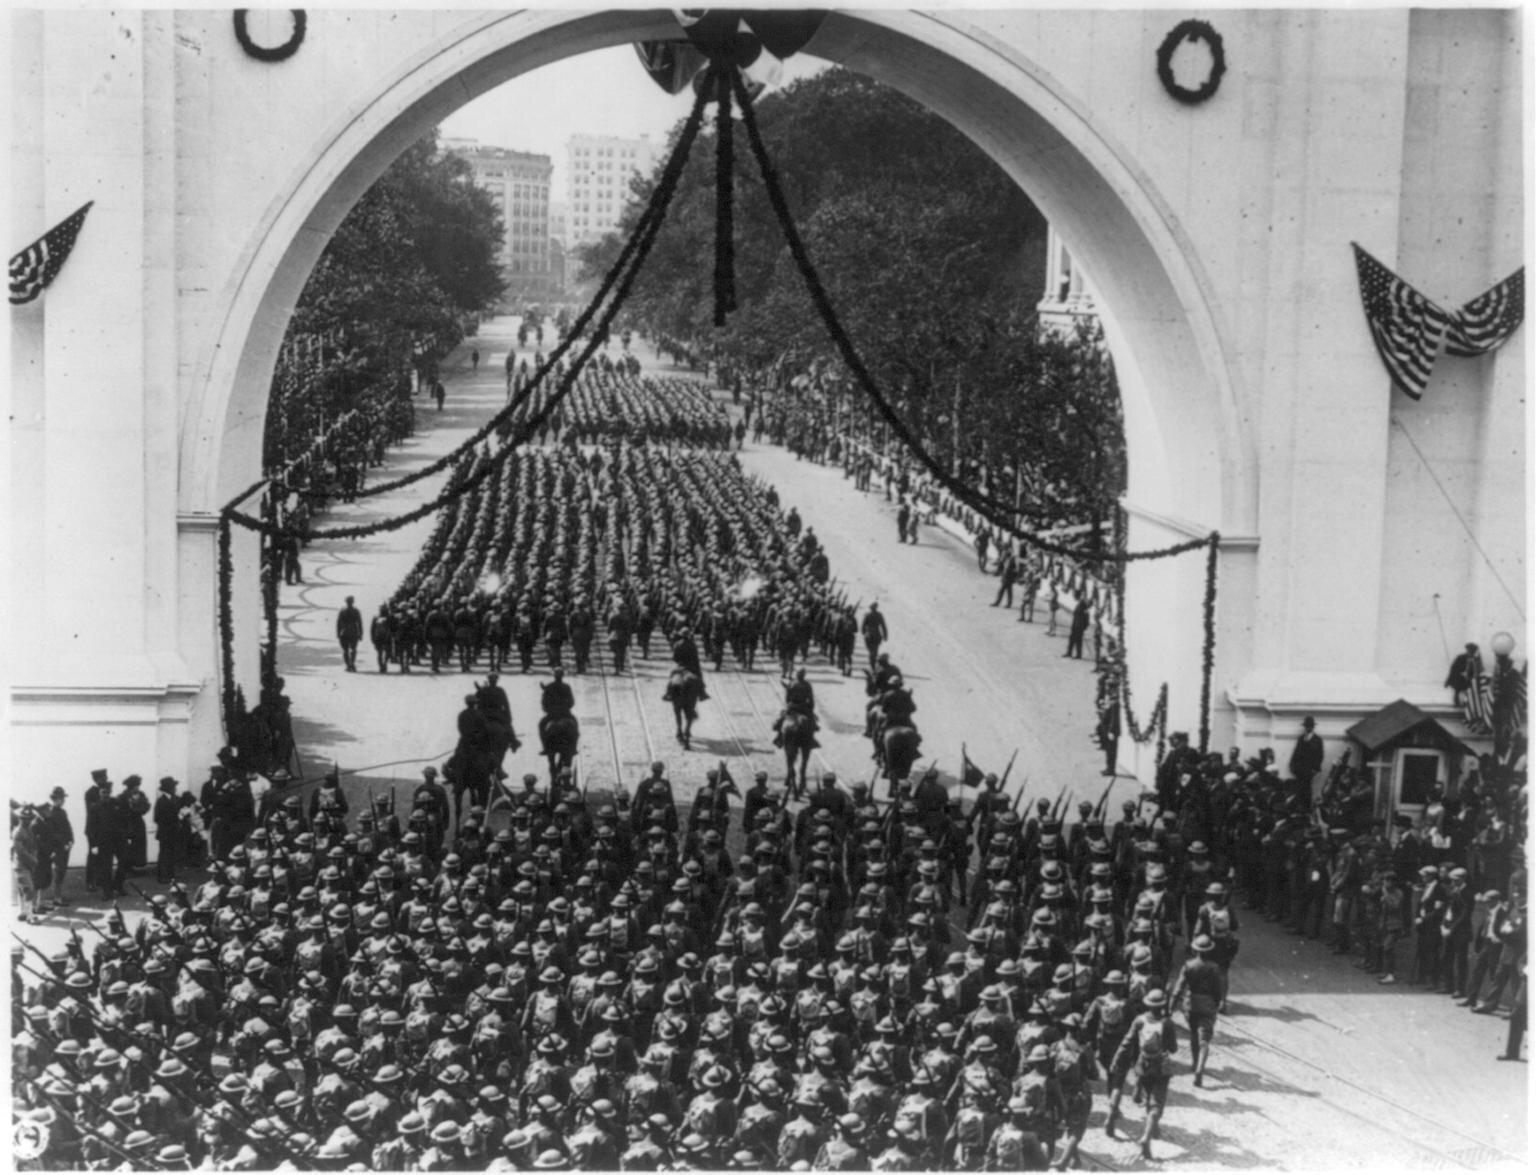 Żołnierze wracający zIWojny Światowej Źródło: Żołnierze wracający zIWojny Światowej, 1919, domena publiczna.